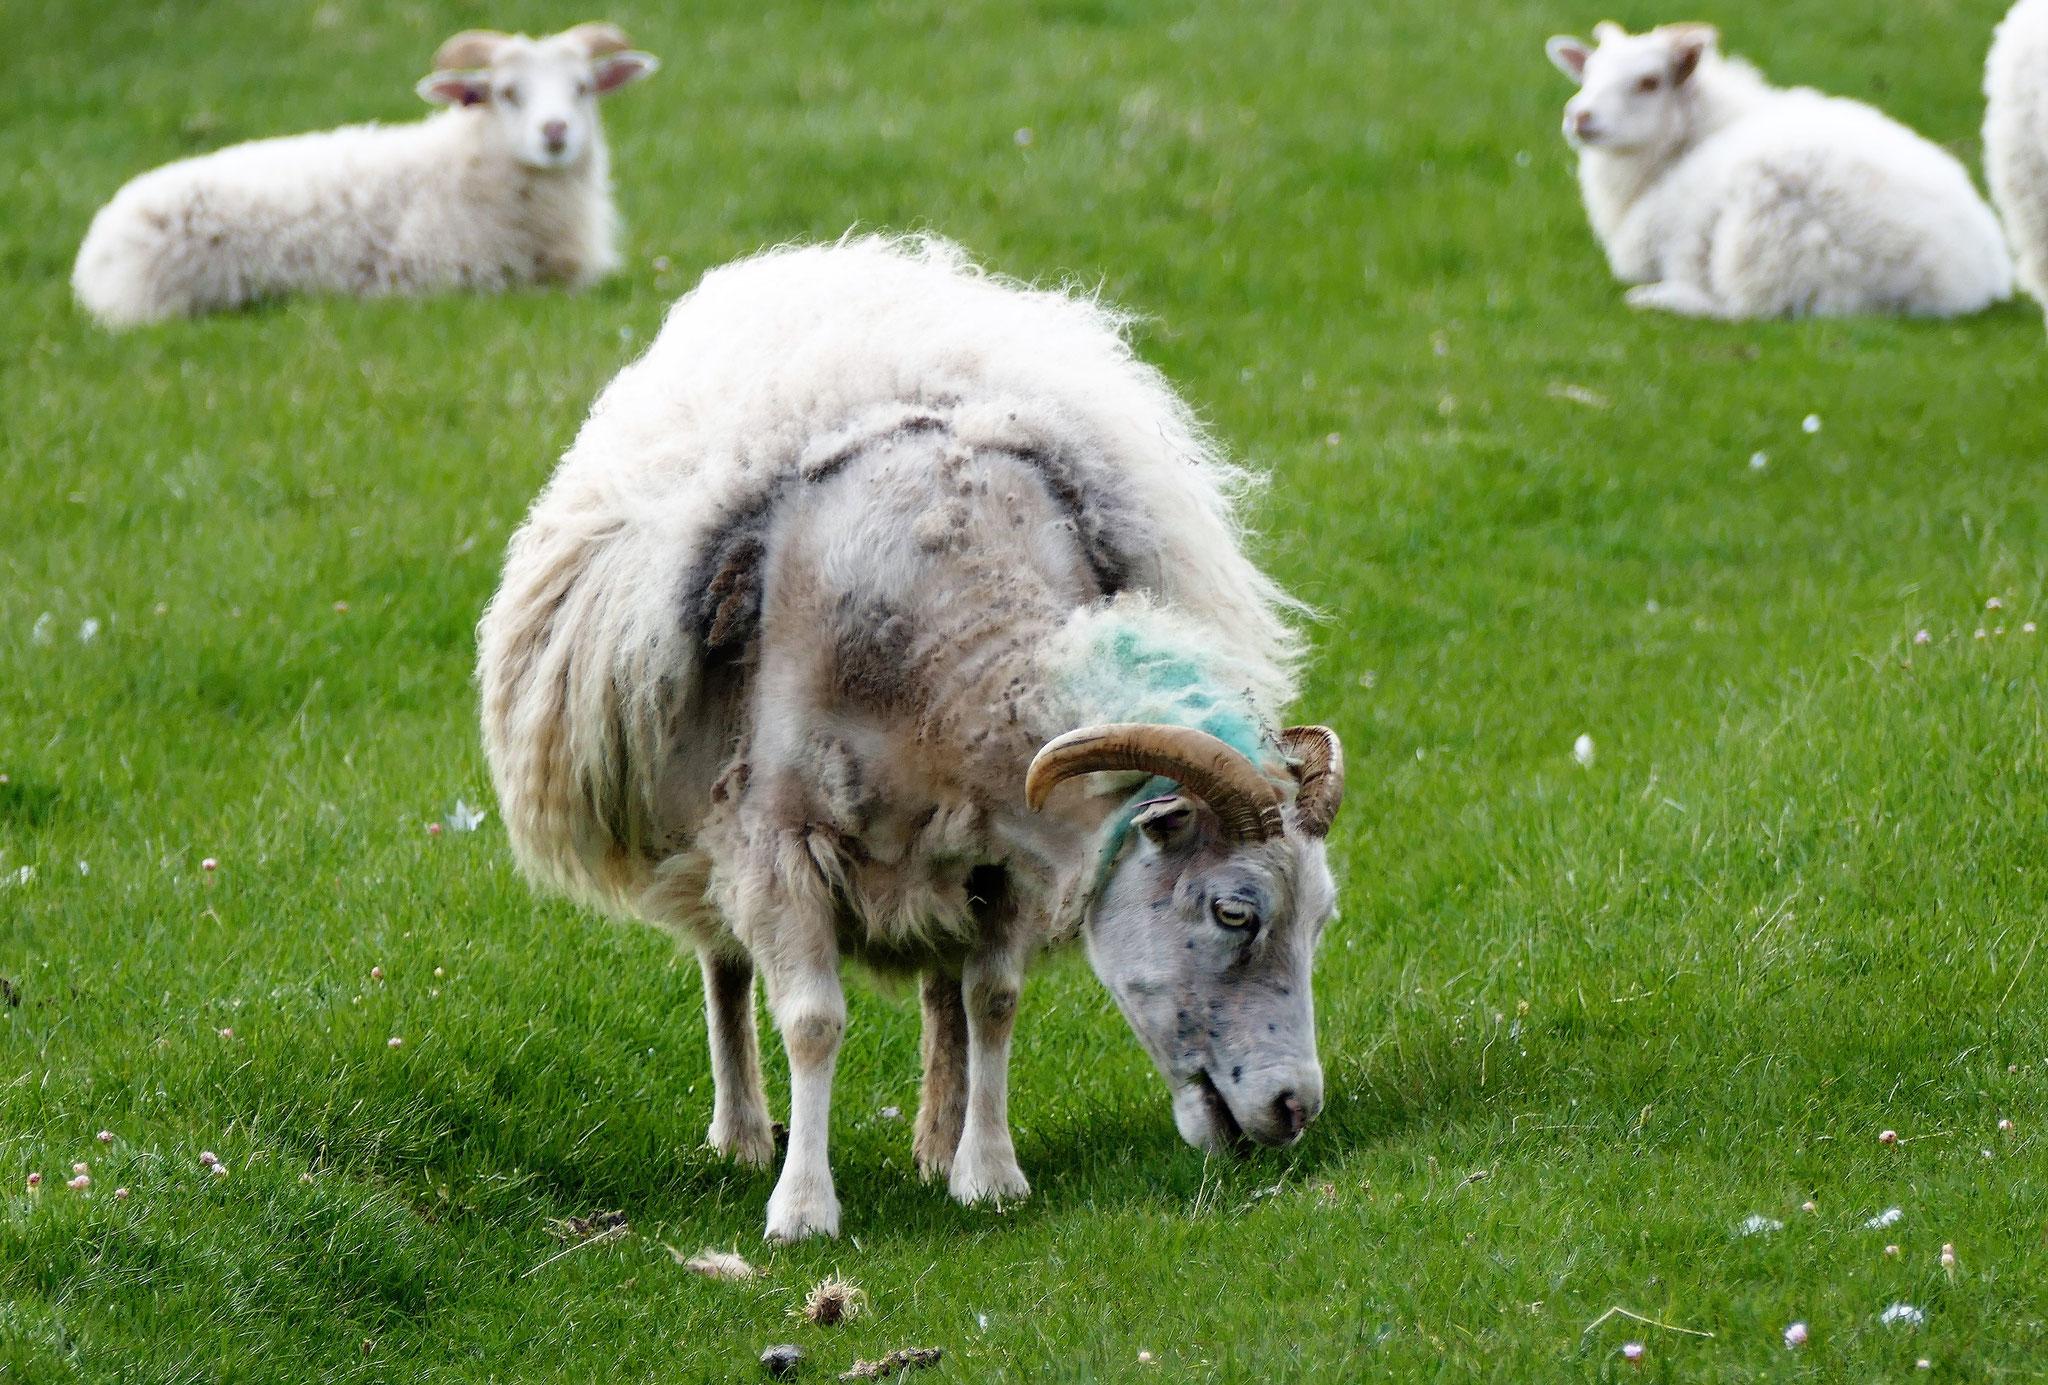 Und da waren auch noch Schafe....